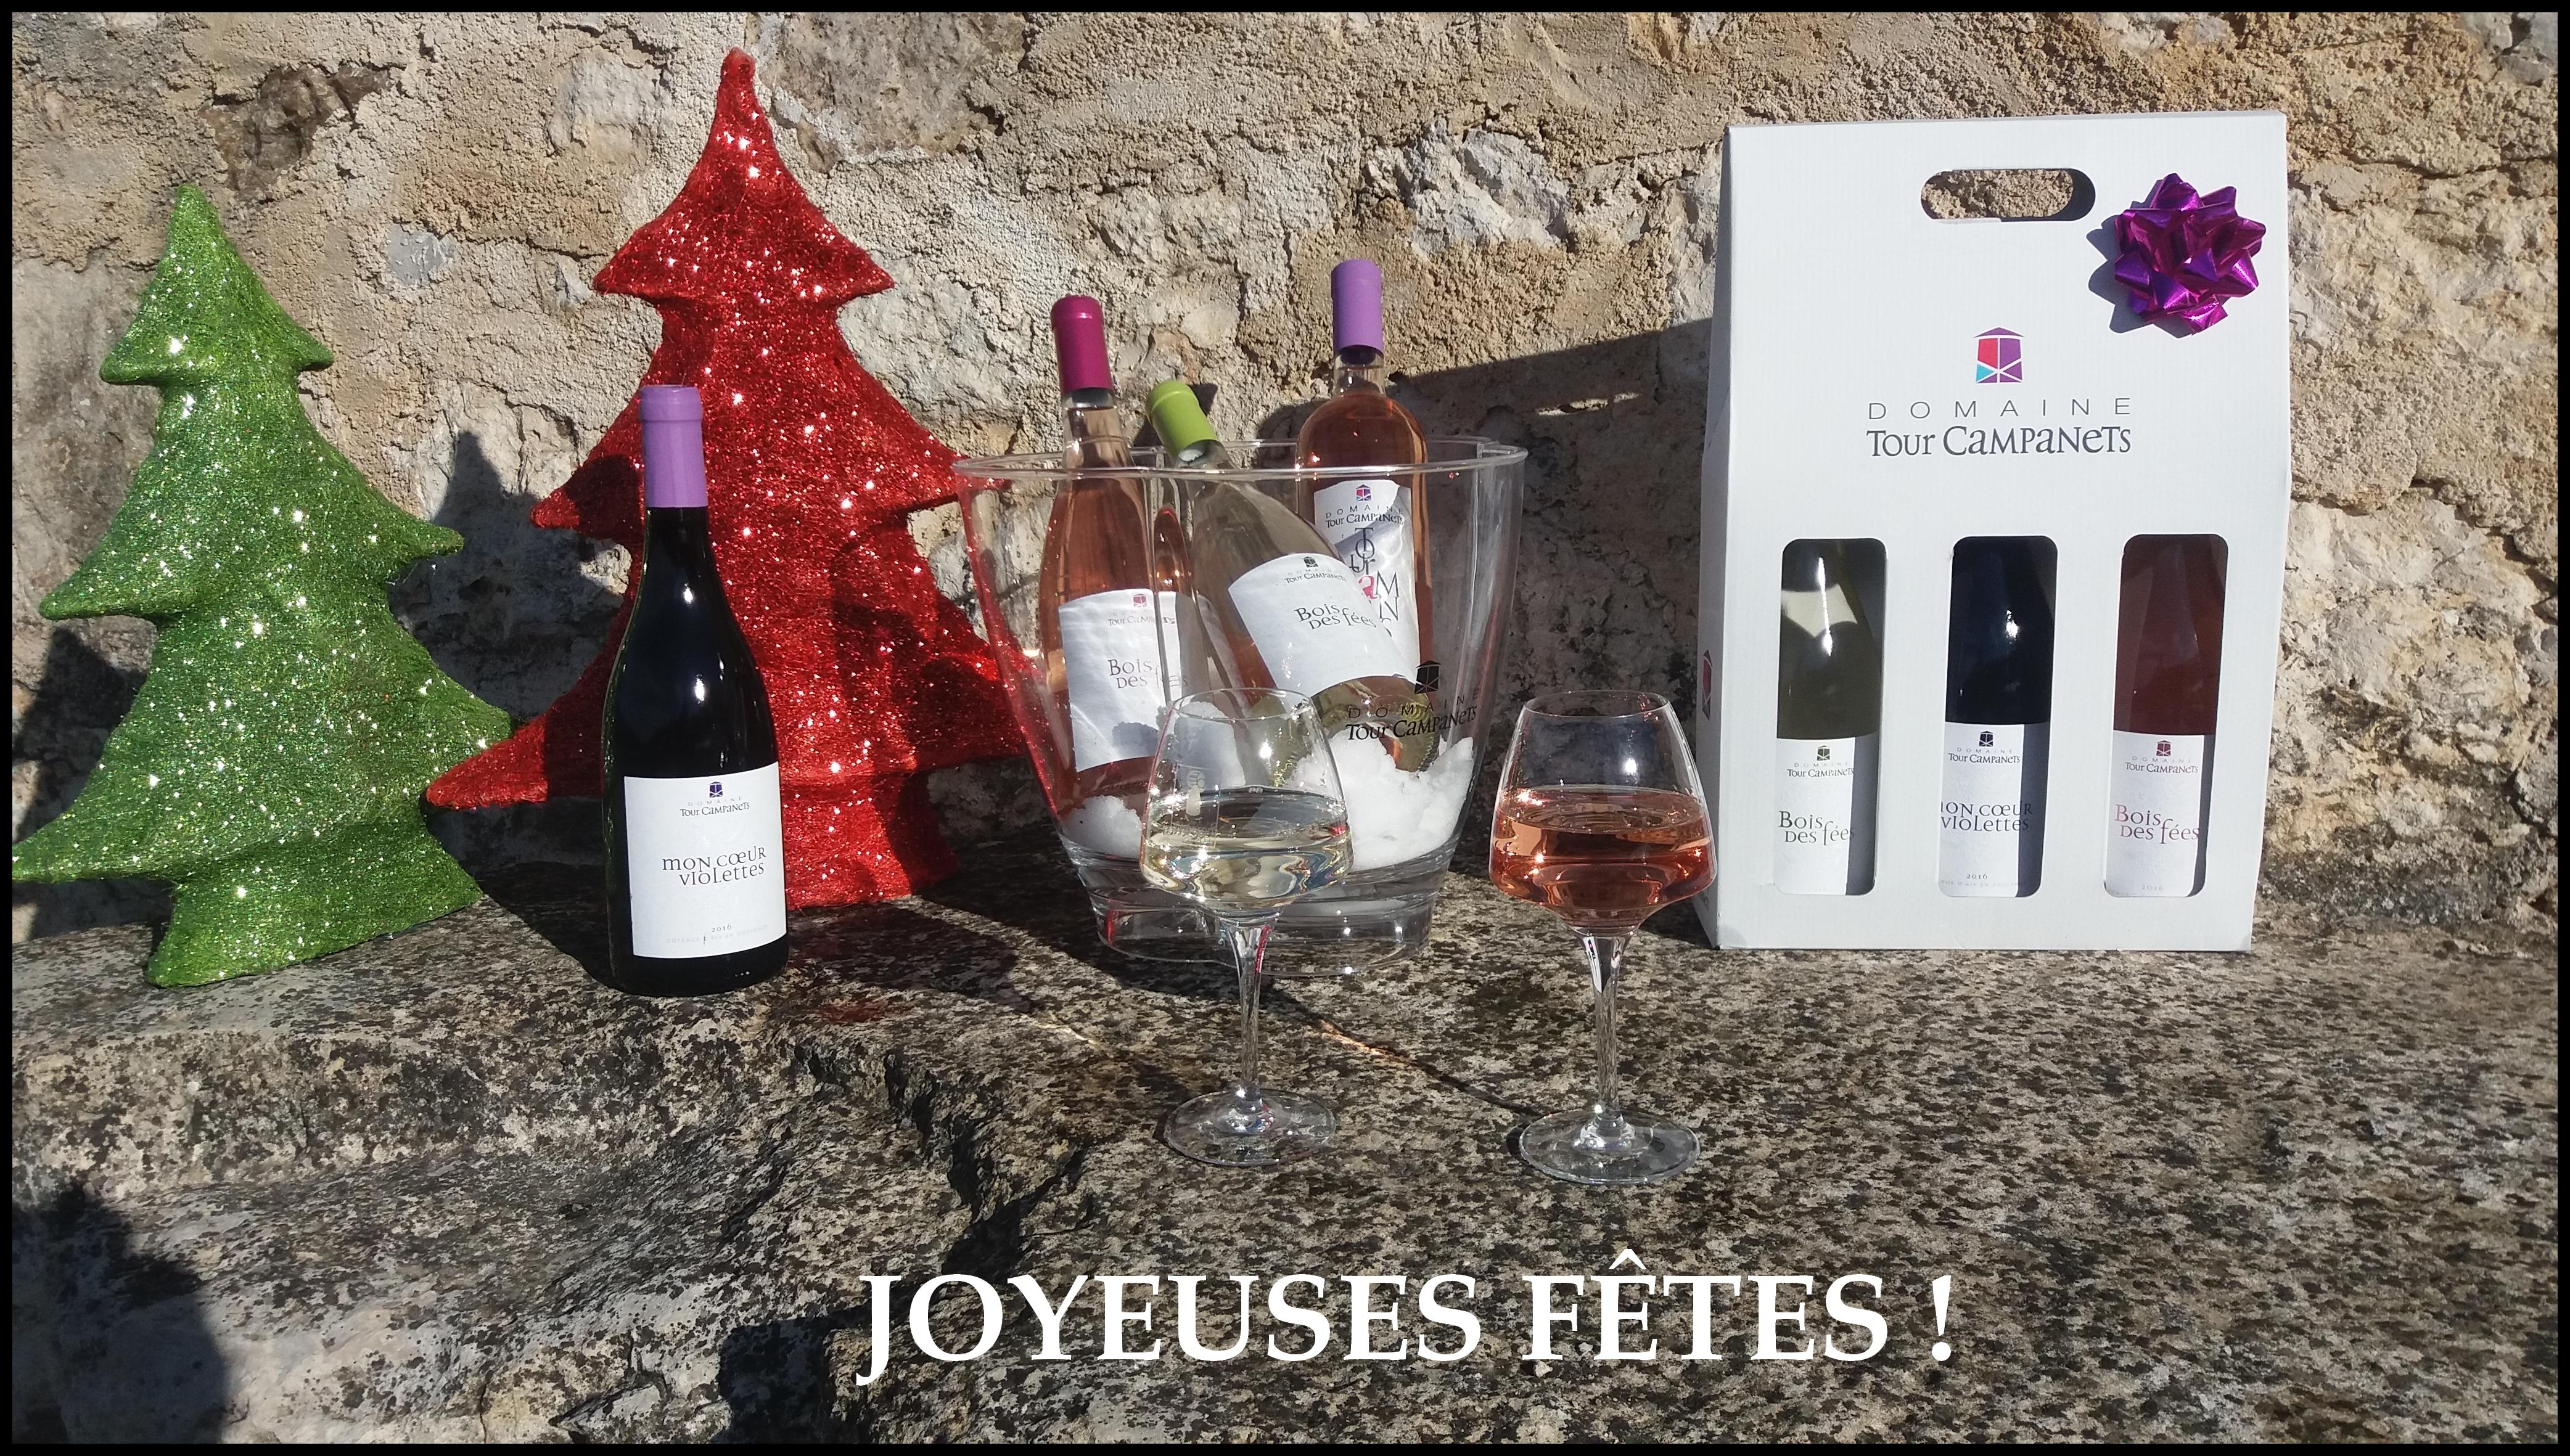 JOYEUSES FETES DE FIN D'ANNEE 2017 - JOYEUX NOEL 2017- DOMAINE TOUR CAMPANETS EN PROVENCES - VINS